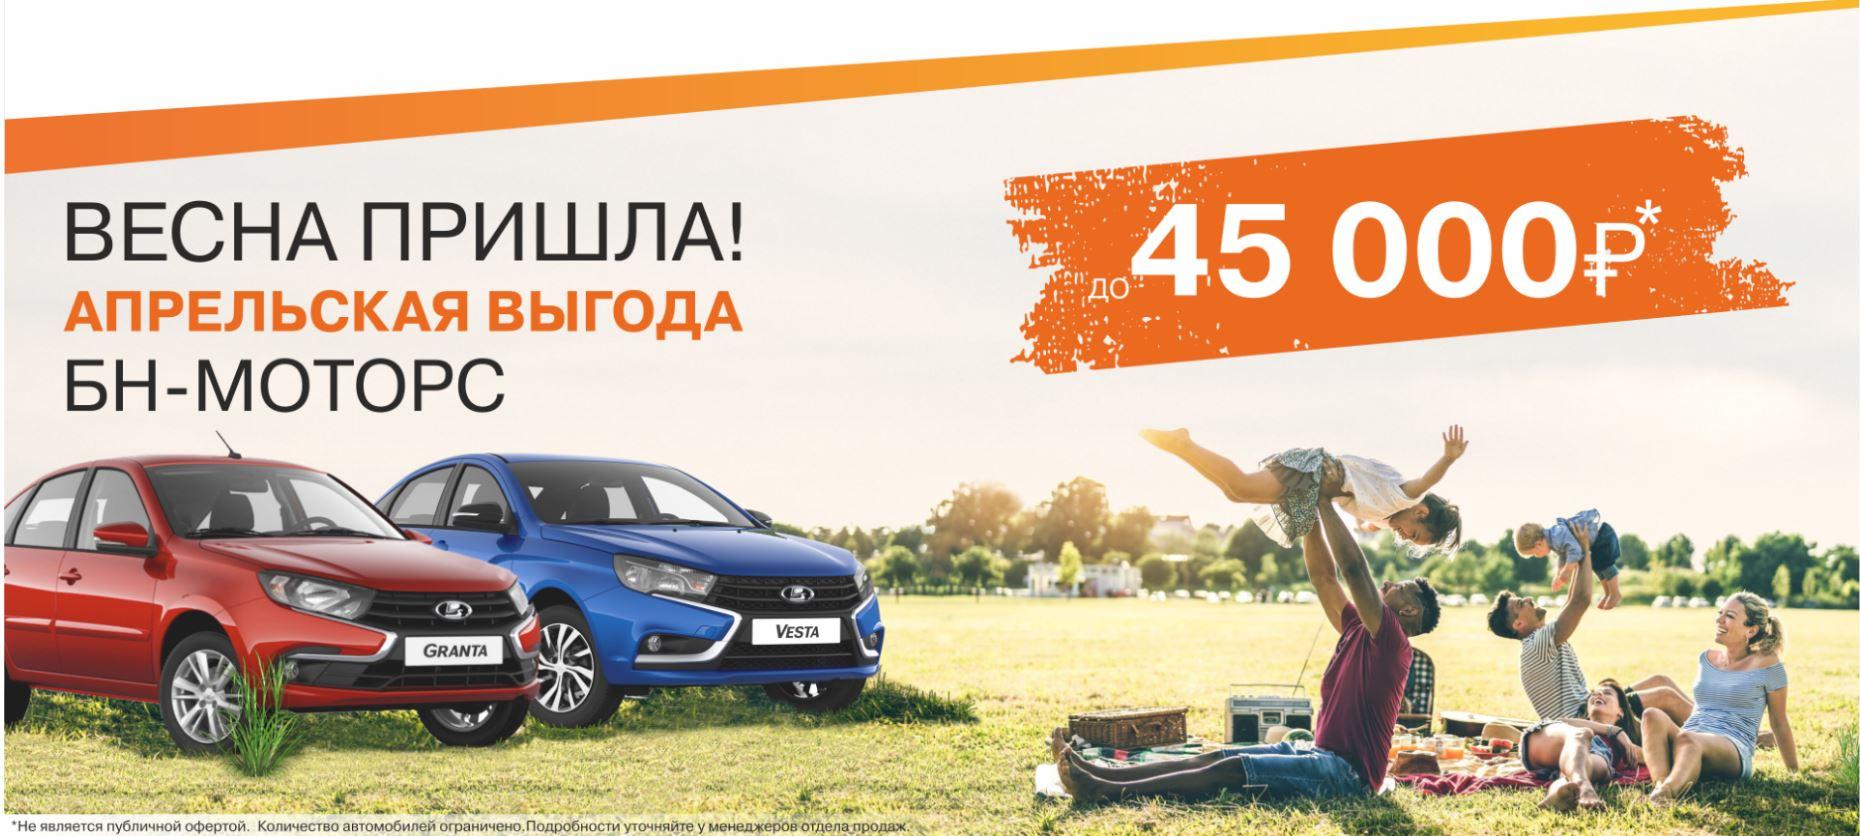 ВЕСНА ПРИШЛА!  Апрельская выгода БН-МОТОРС до 45 000 руб.* на автомобили LADA Granta и LADA Vesta!